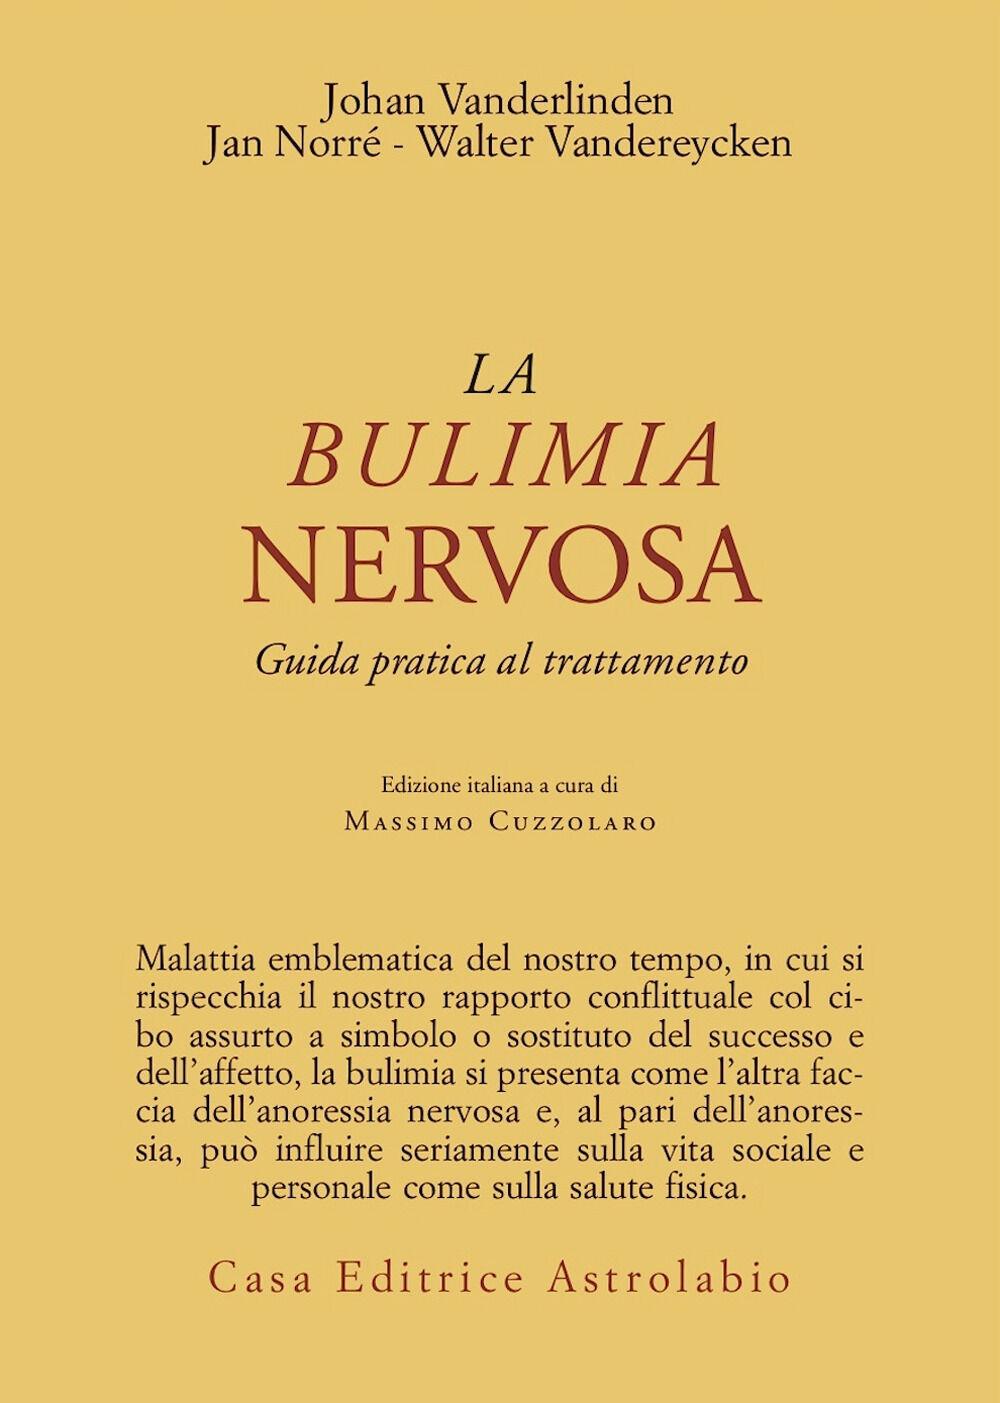 La bulimia nervosa. Guida pratica al trattamento